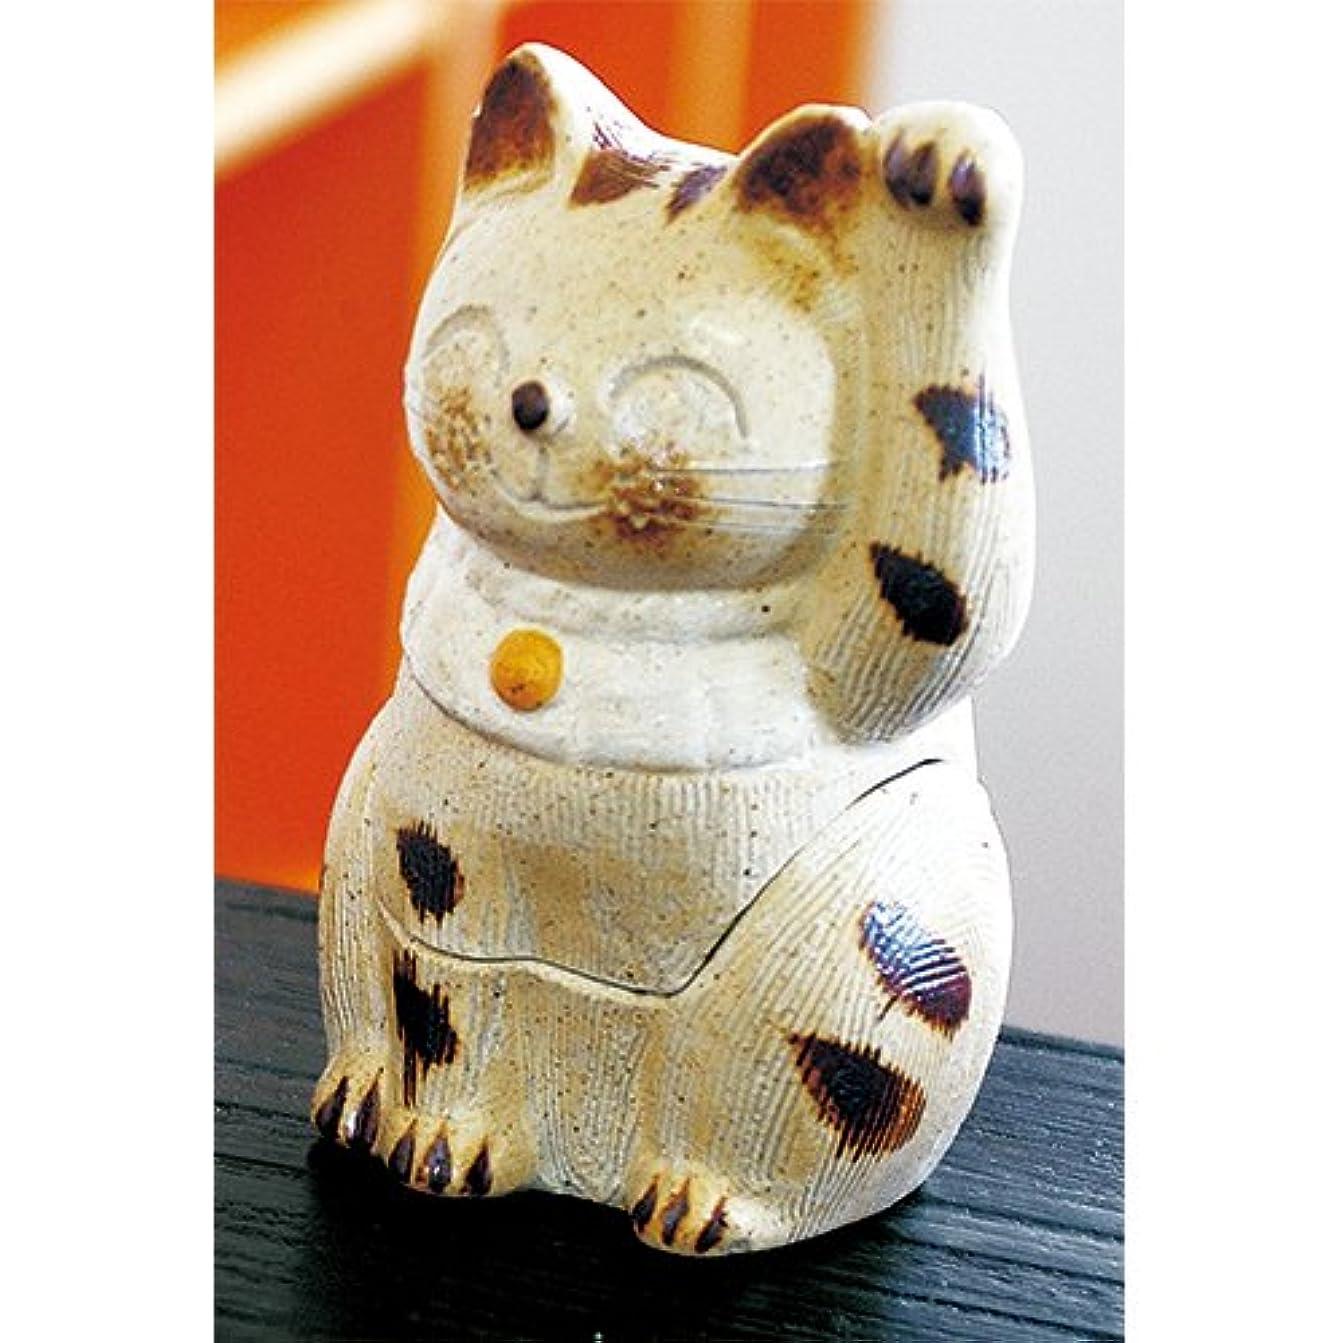 悲鳴アノイ個人香炉 ひとまねき猫 香炉(小) [H9.5cm] HANDMADE プレゼント ギフト 和食器 かわいい インテリア